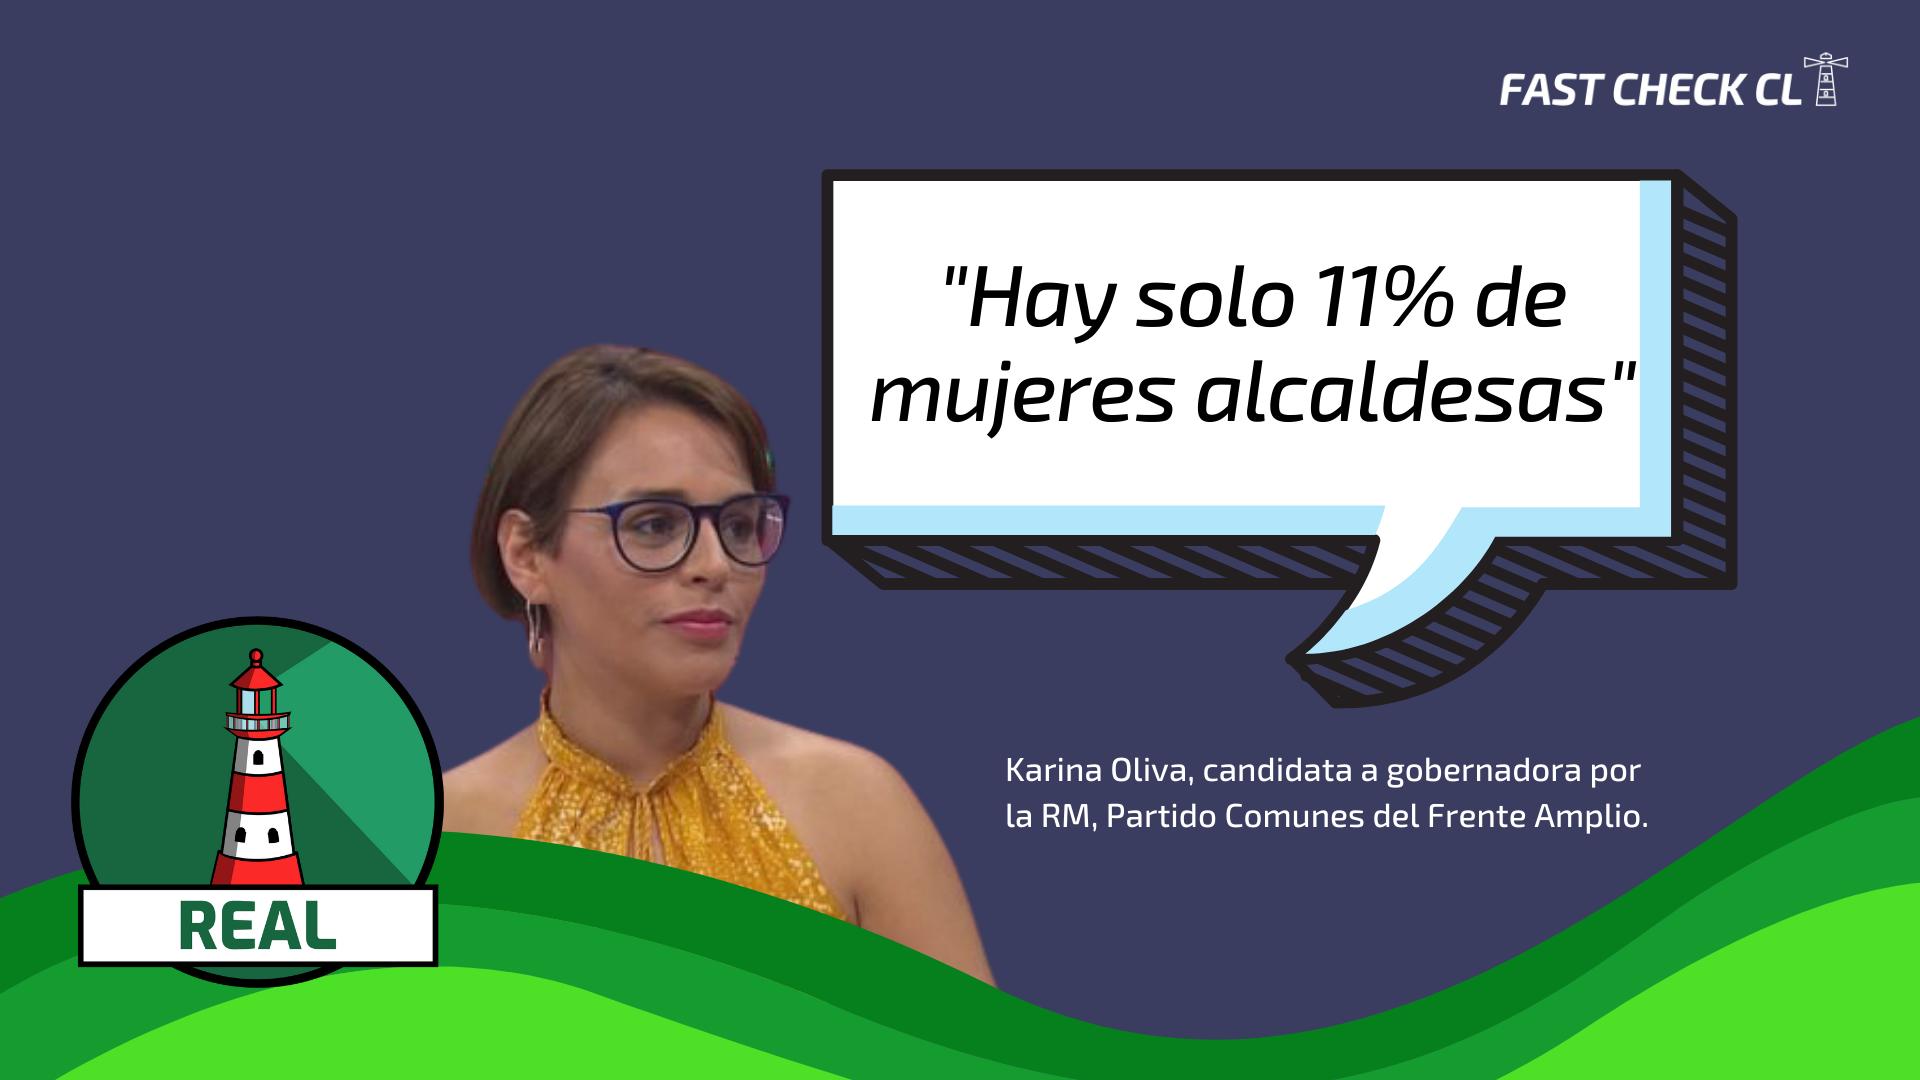 Candidata a gobernadora por FA, Karina Oliva: «Hay solo 11% de mujeres alcaldesas»: #Real